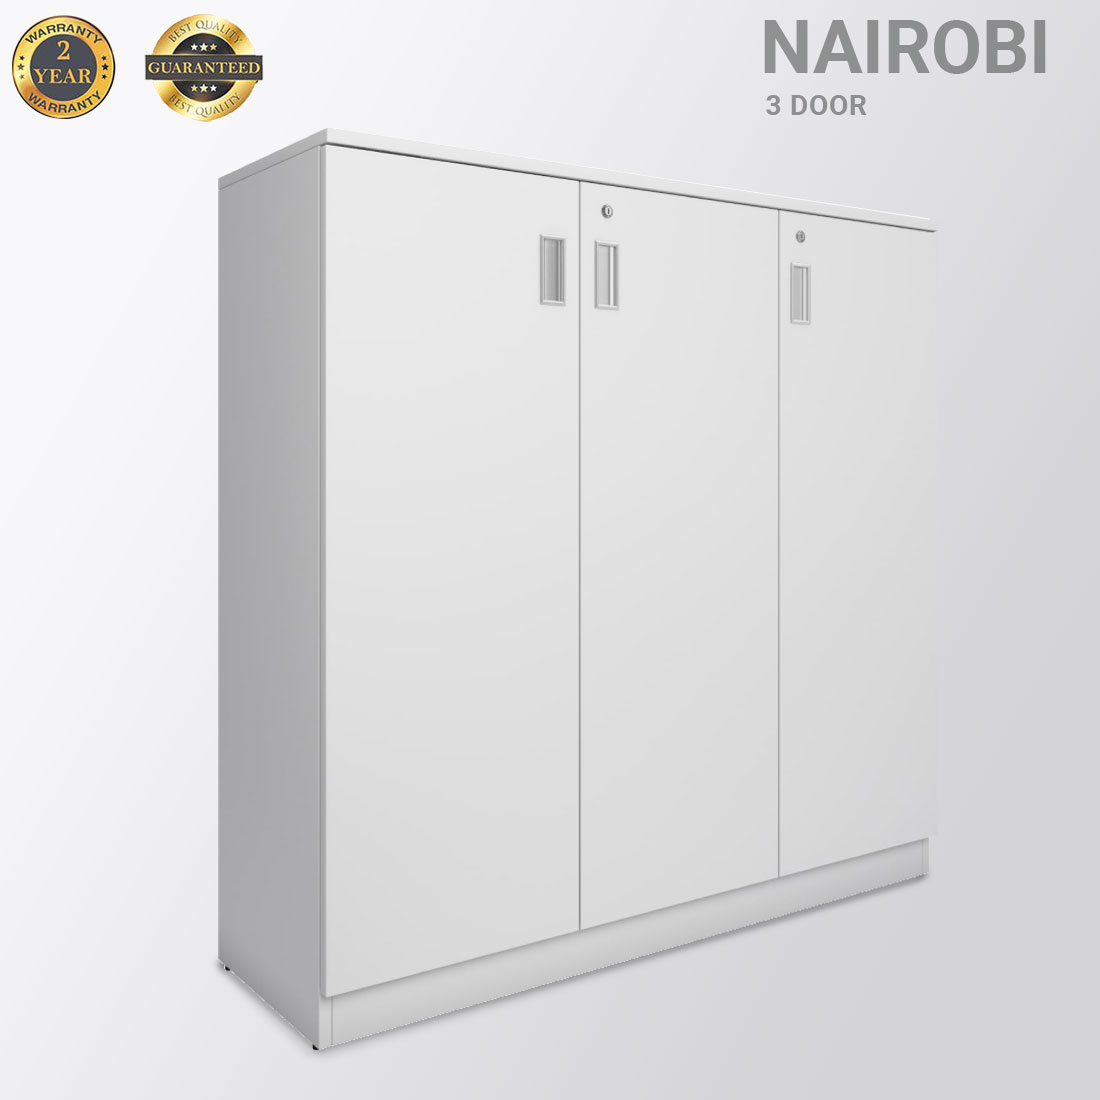 NAIROBI W  3 DOOR